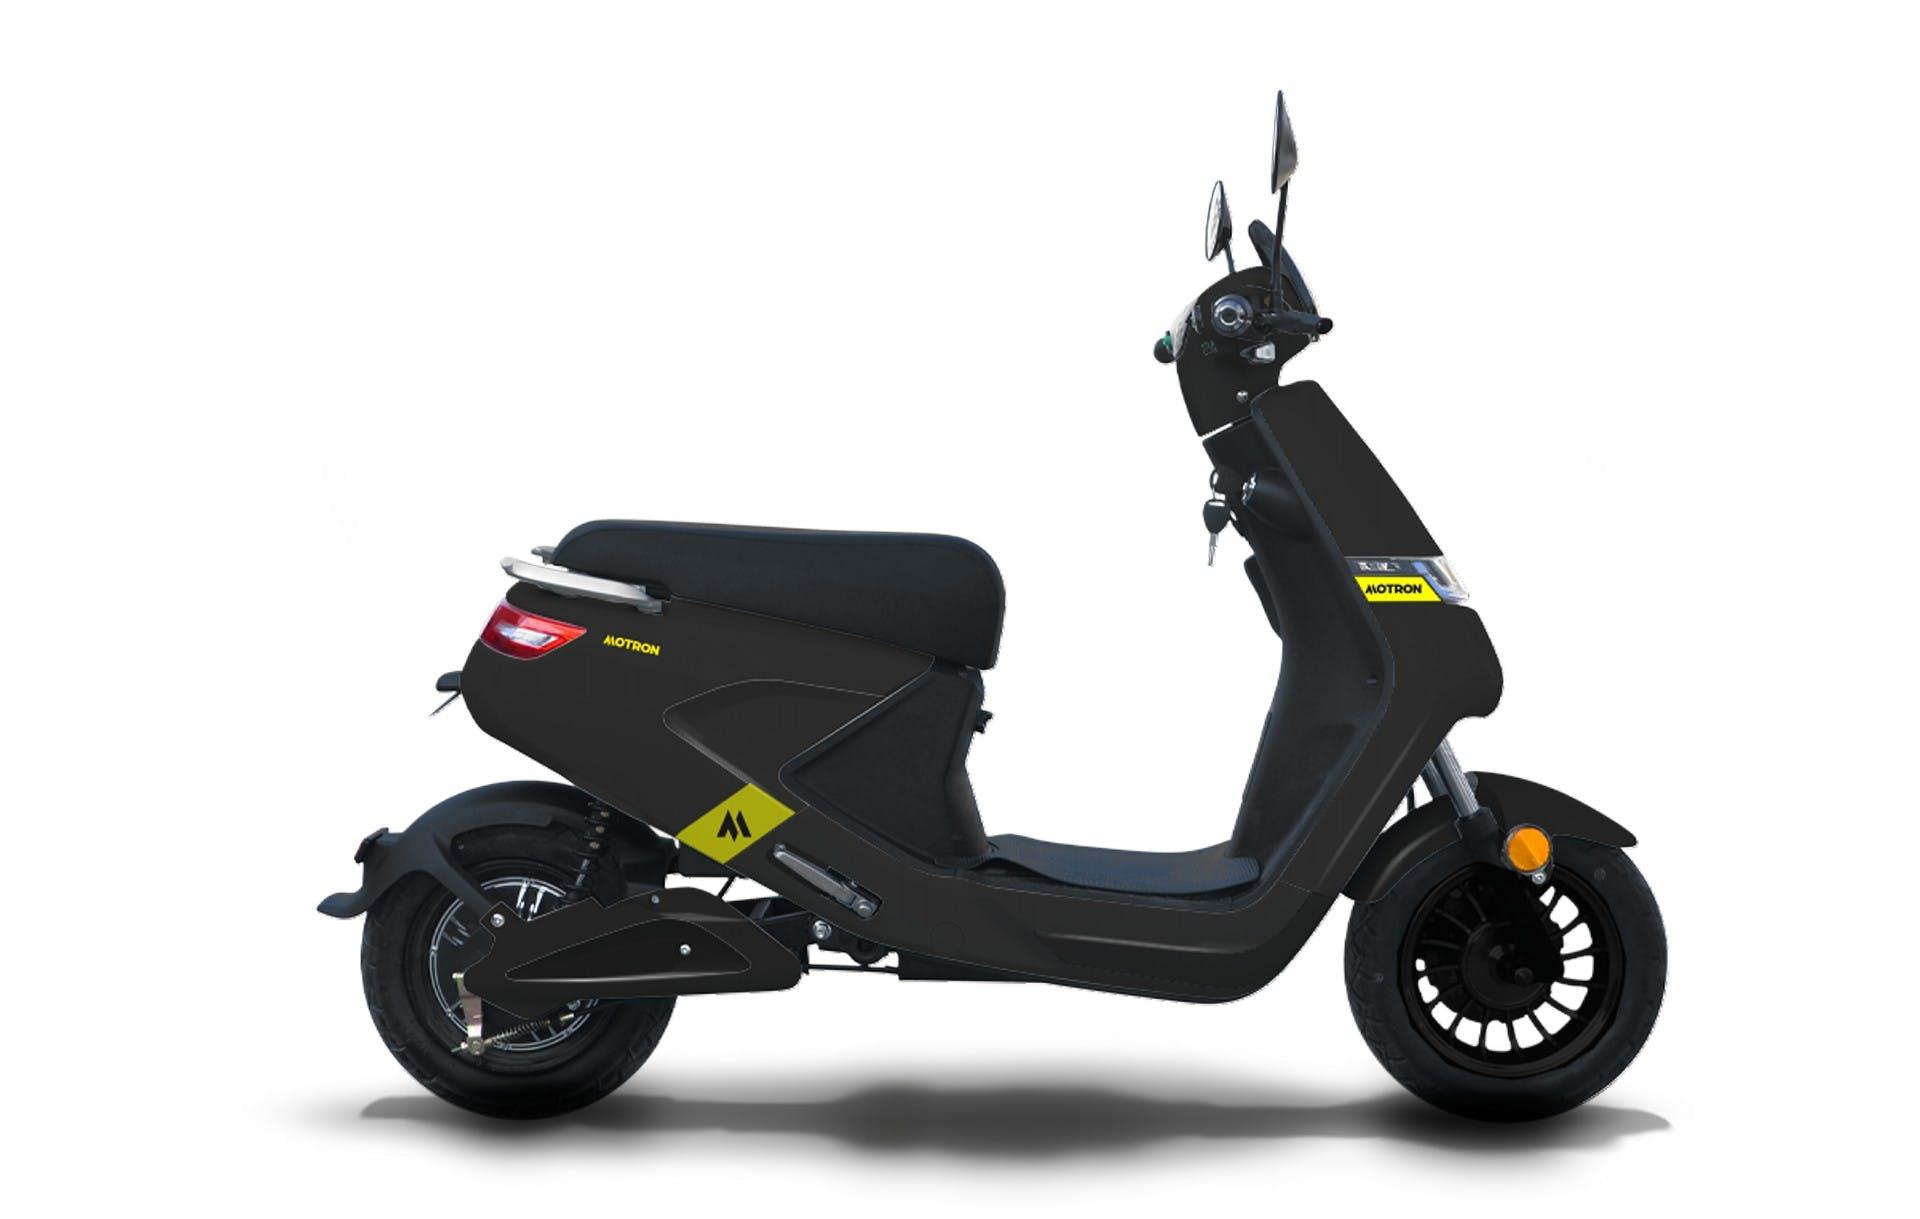 motron motorcycles scooter elettrico voltz nero vista laterale in studio